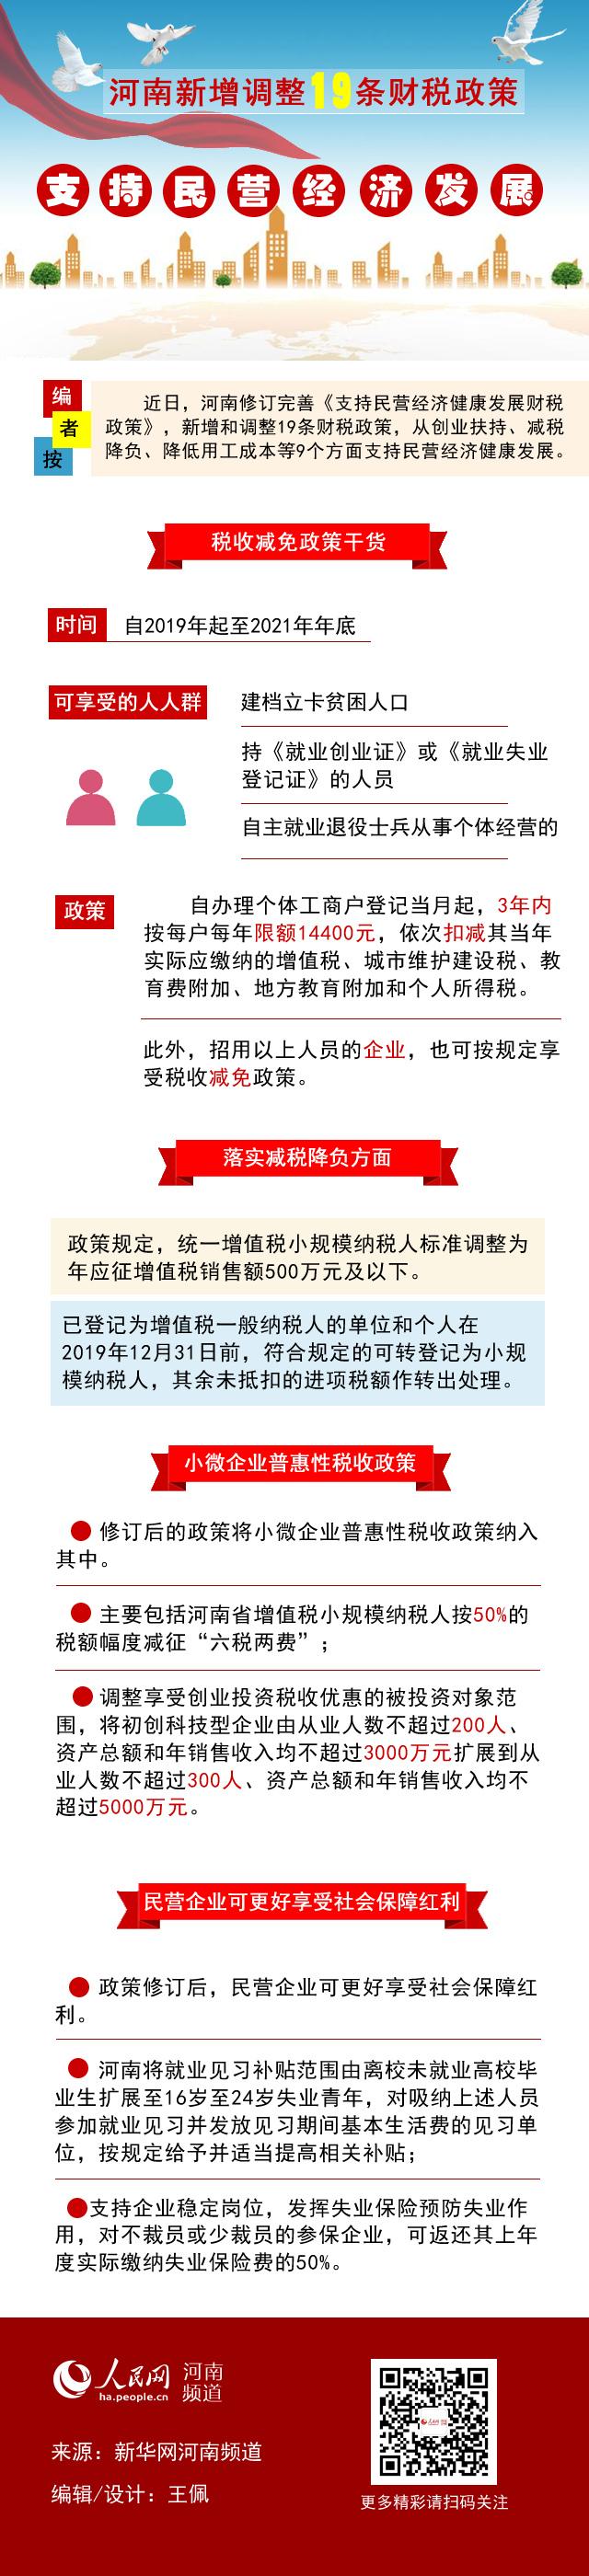 河南支持民营企业有新招.jpg